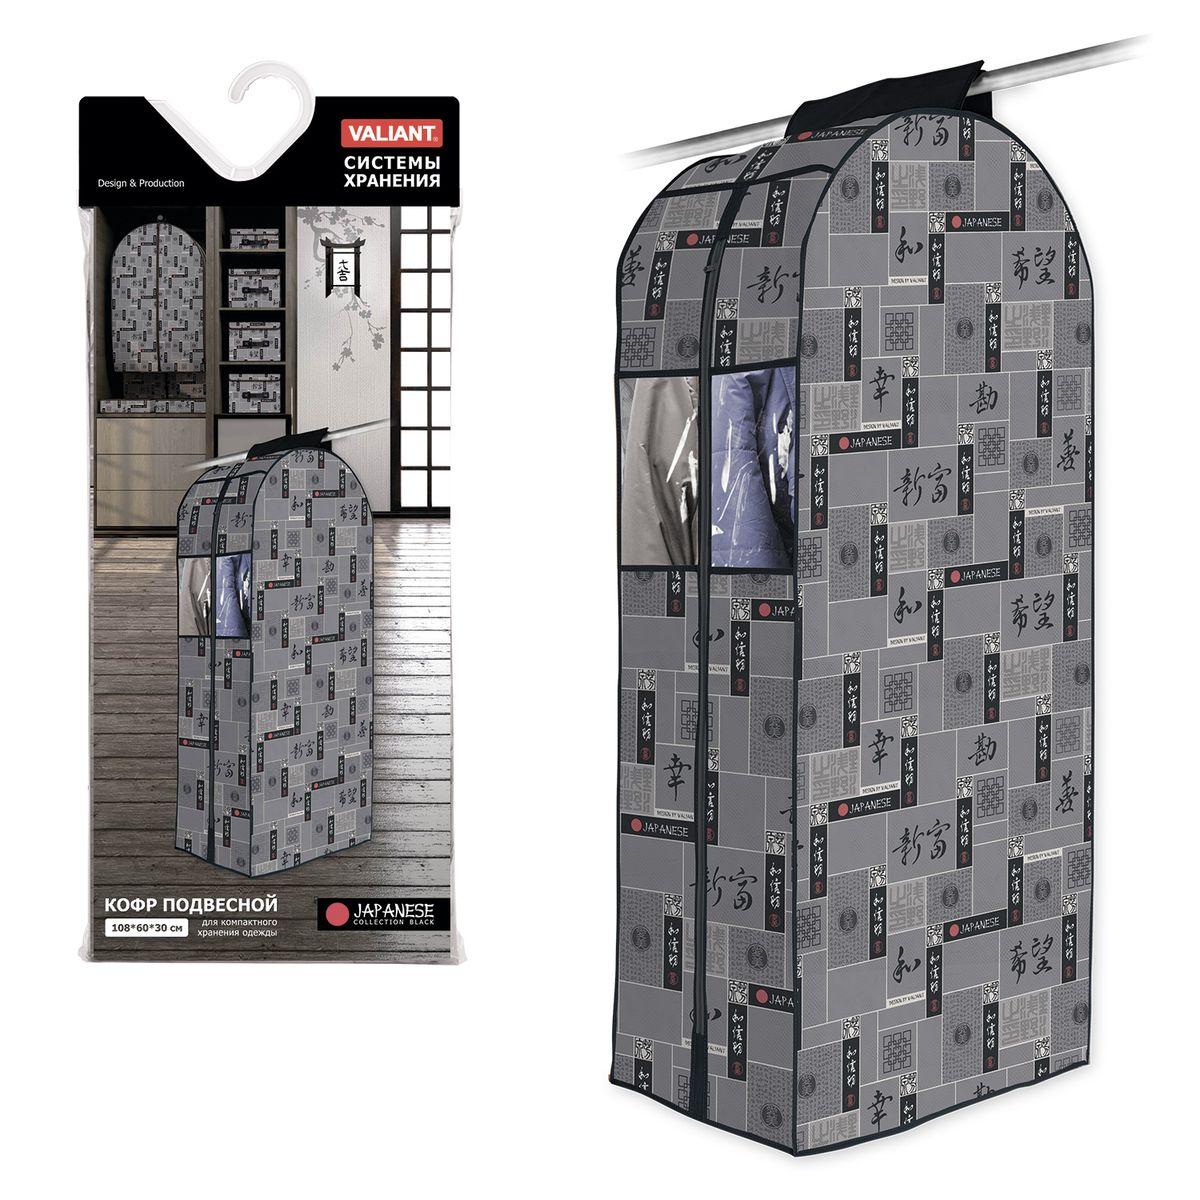 Кофр подвесной для одежды Valiant Japanese Black, 108 х 60 х 30 смTD 0033Подвесной кофр для одежды Valiant Japanese Black изготовлен из высококачественного нетканого материала (спанбонда), который обеспечивает естественную вентиляцию, позволяя воздуху проникать внутрь, но не пропускает пыль. Кофр очень удобен в использовании. Благодаря размерам и форме отлично подходит для транспортировки и долговременного хранения одежды (летом - теплых курток и пальто, зимой - летнего гардероба). Легко открывается и закрывается с помощью застежки-молнии. Кофр снабжен прозрачным окошком из ПВХ, что позволяет легко просматривать содержимое. Изделие снабжено широкой петлей на липучках, с помощью которой крепится к перекладине в гардеробе. Оригинальный дизайн погружает в атмосферу путешествий по разным городам и странам. Системы хранения в едином дизайне сделают вашу гардеробную красивой и невероятно стильной.